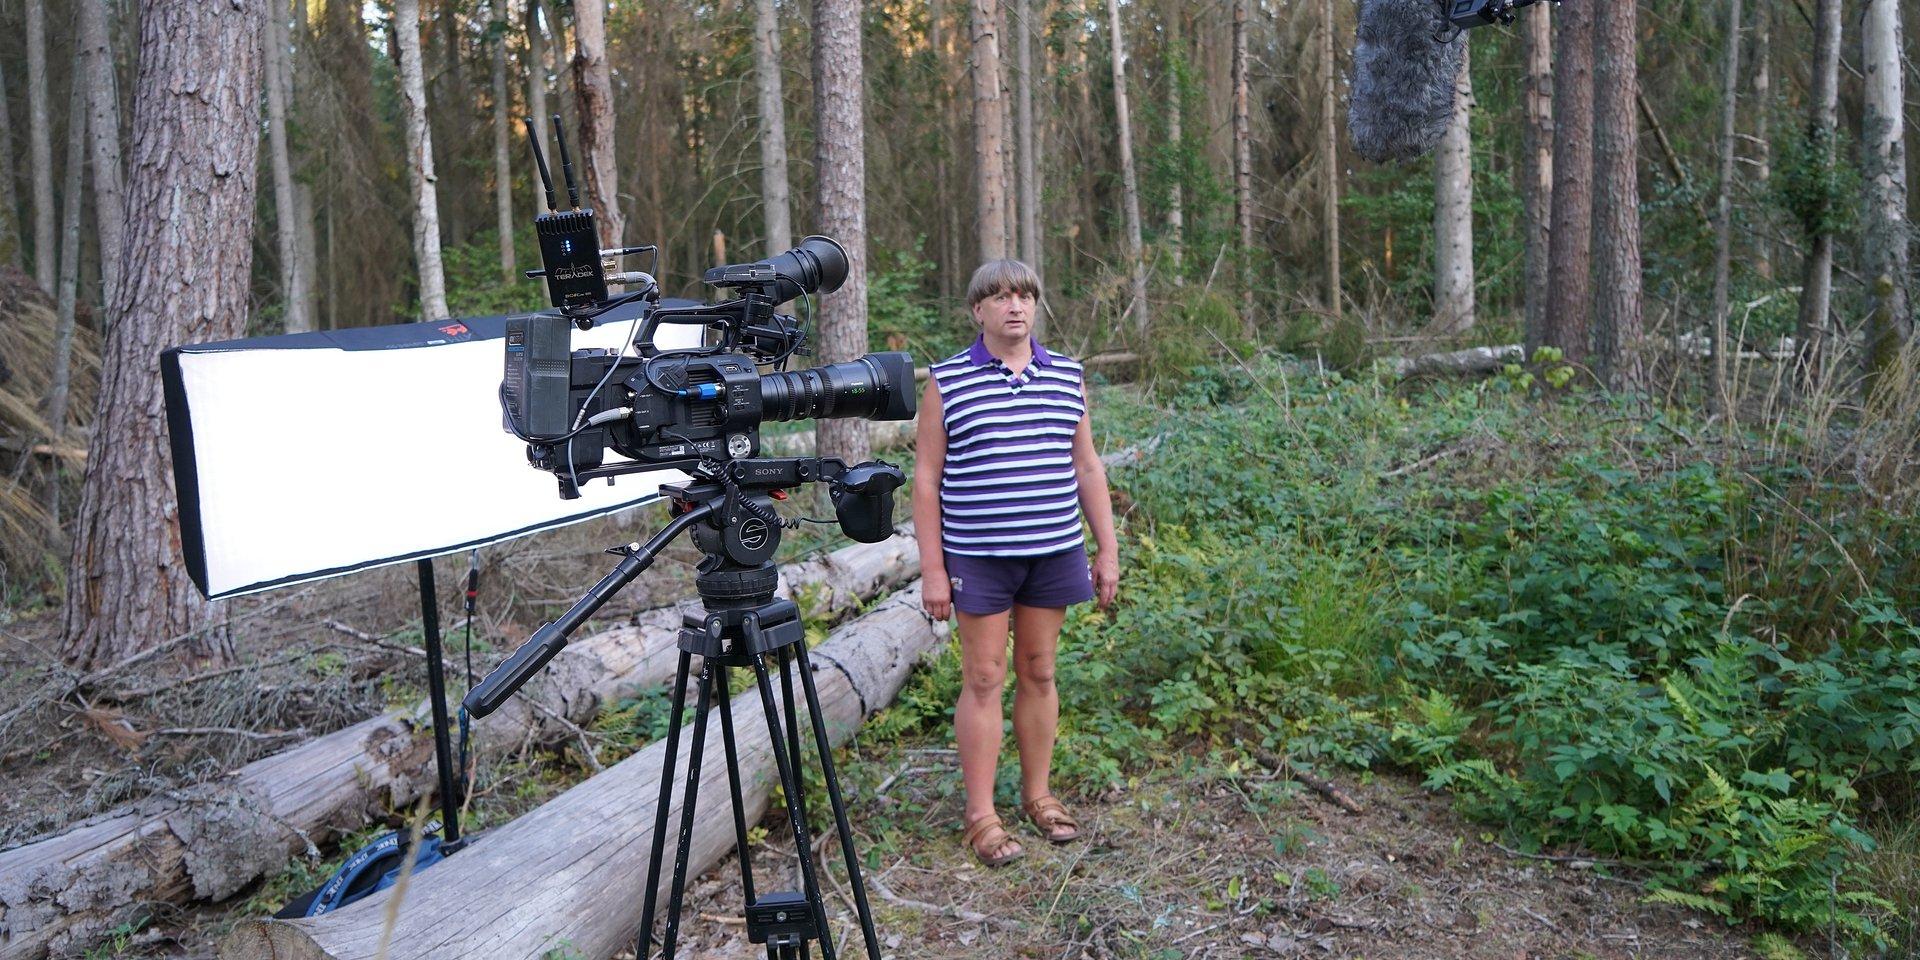 Poznaj ciemną stronę sieci. Nowy serial dokumentalny Czarna Domena już w poniedziałek 4 listopada o 22:30 tylko w CANAL+